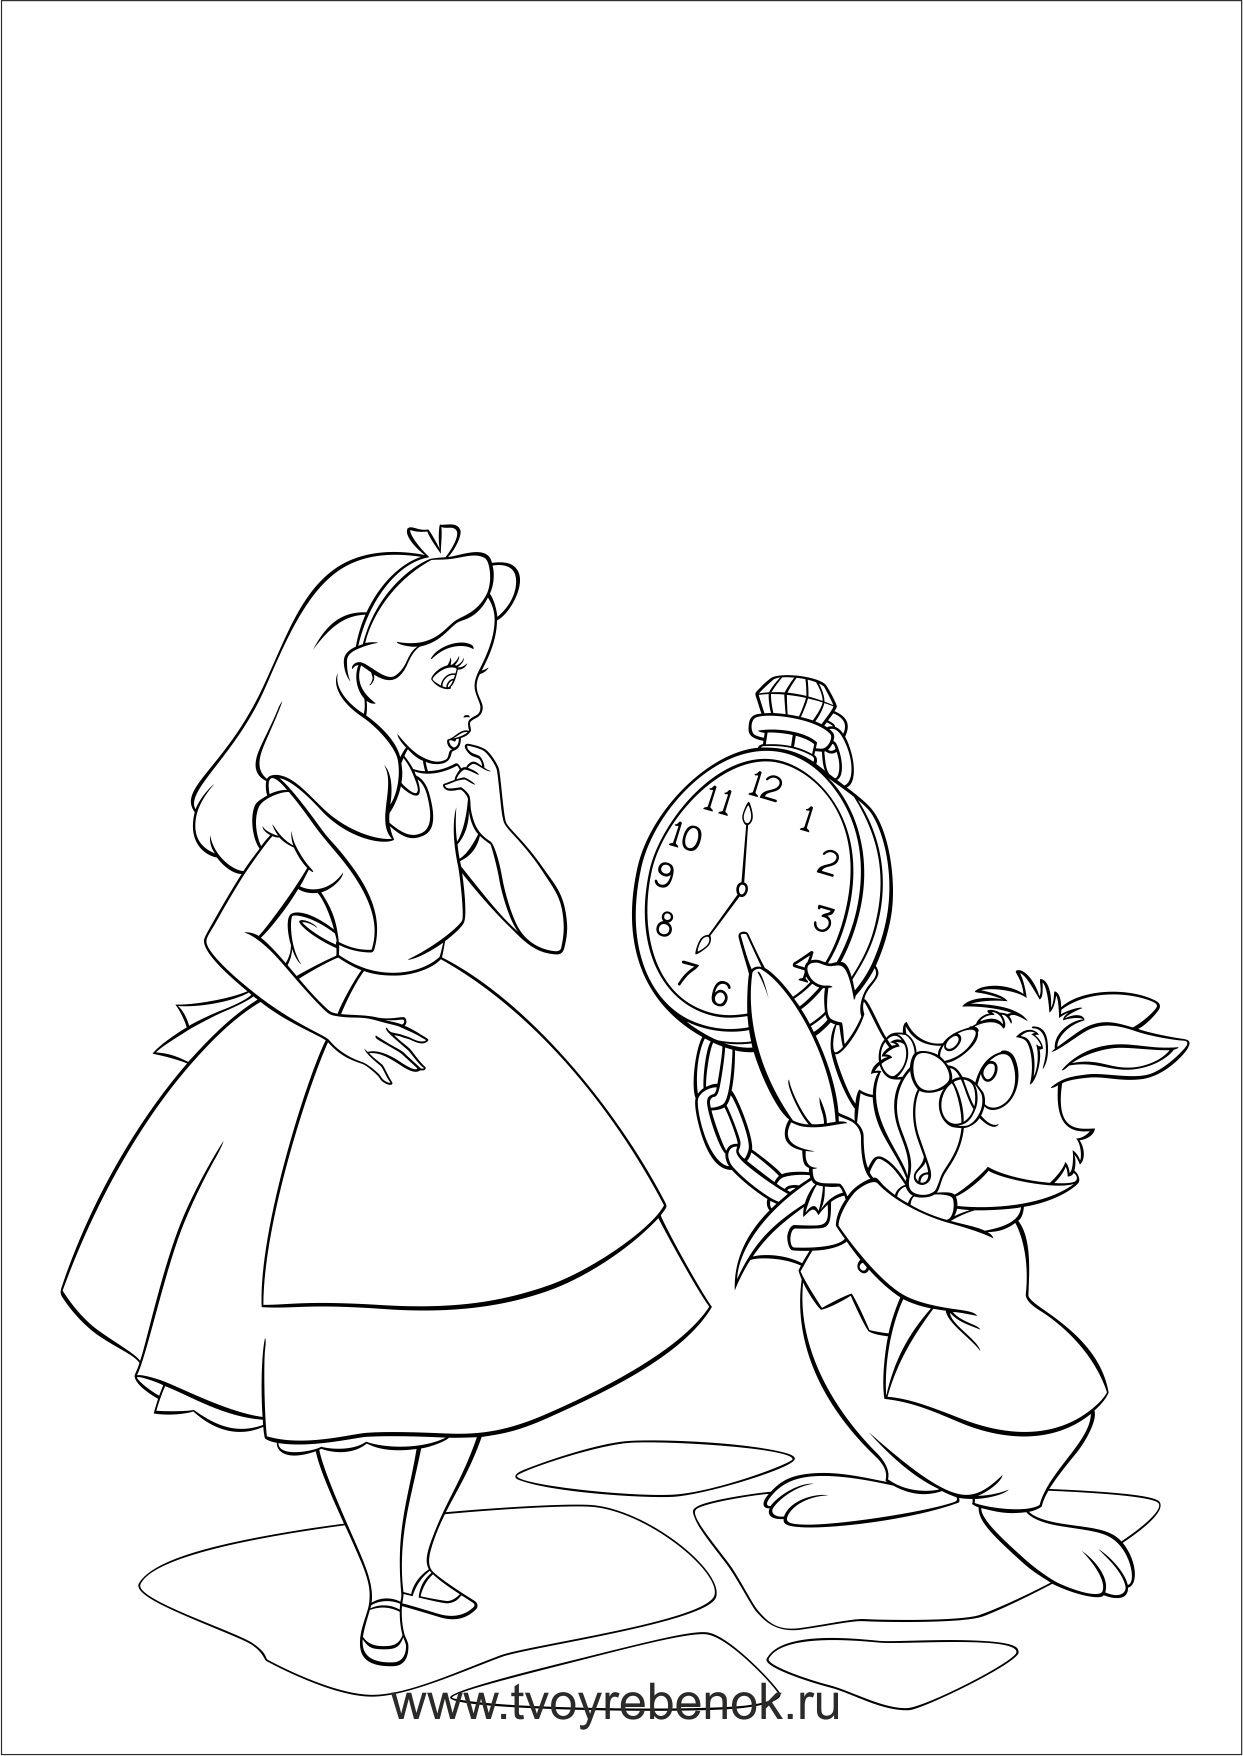 Alice In Wonderland Drawings Alice In Wonderland Cartoon Disney Coloring Pages [ 1756 x 1243 Pixel ]